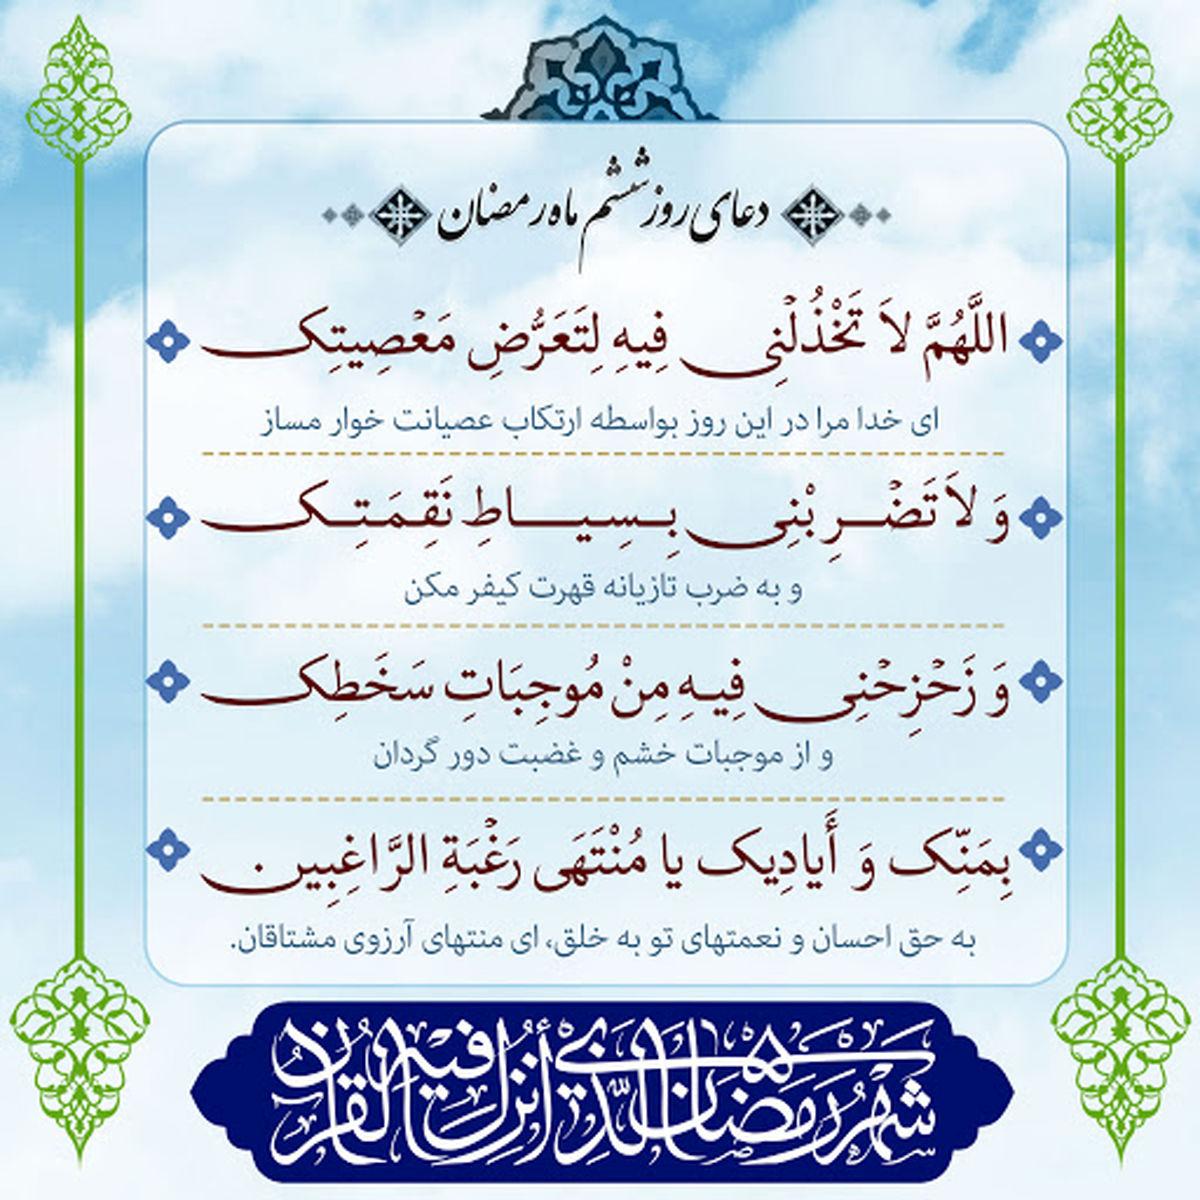 تفسیر دعای روز ششم ماه رمضان